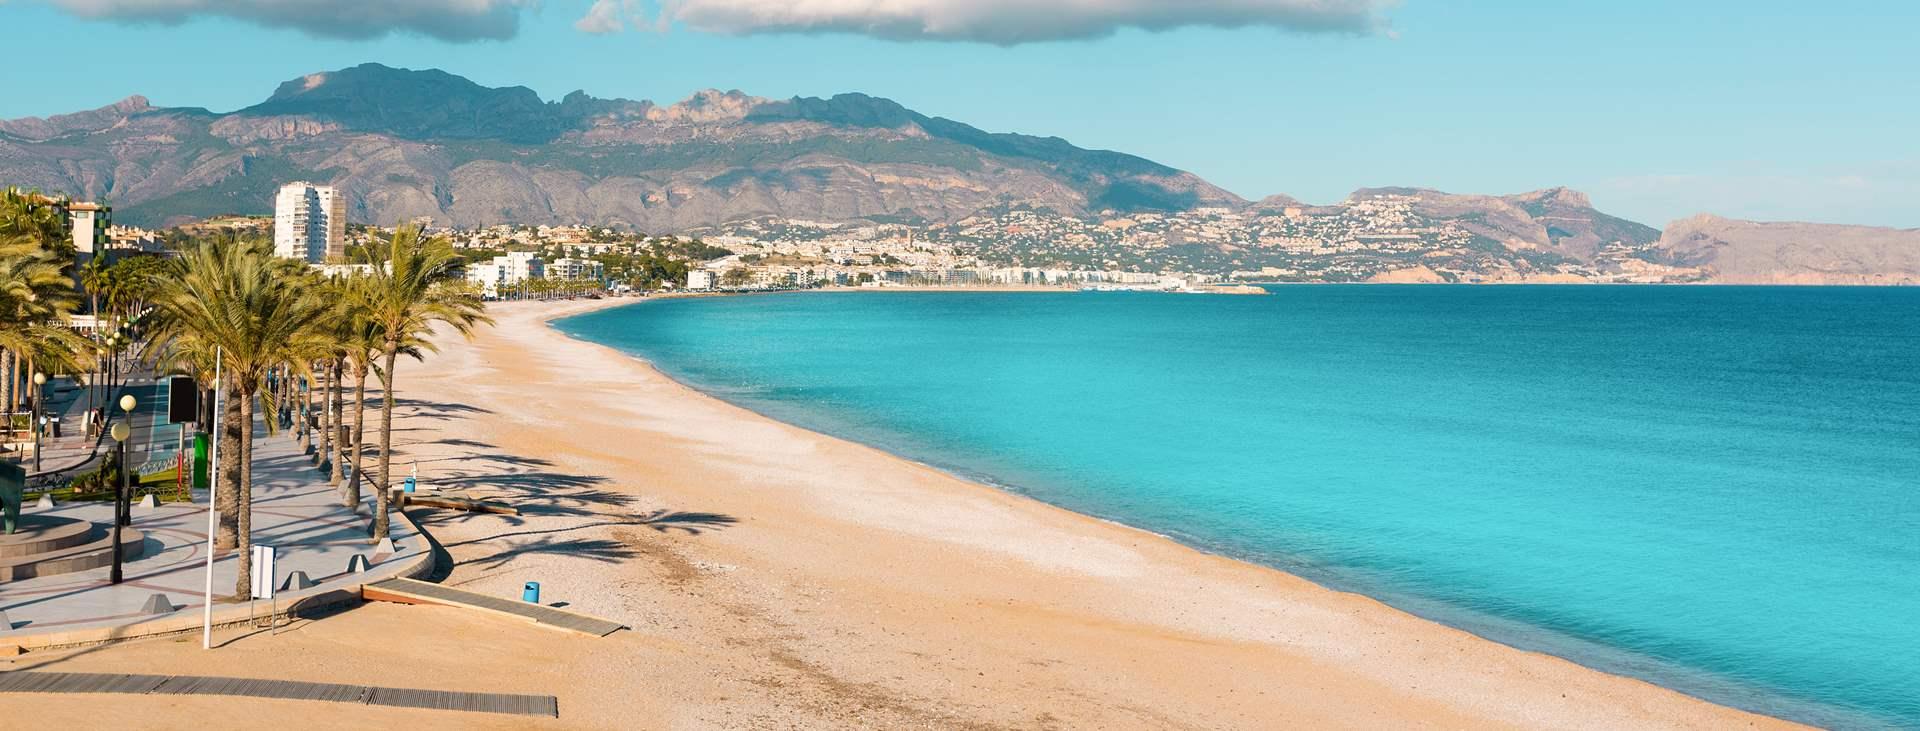 Boka din resa till natursköna Albir i Spanien med Ving